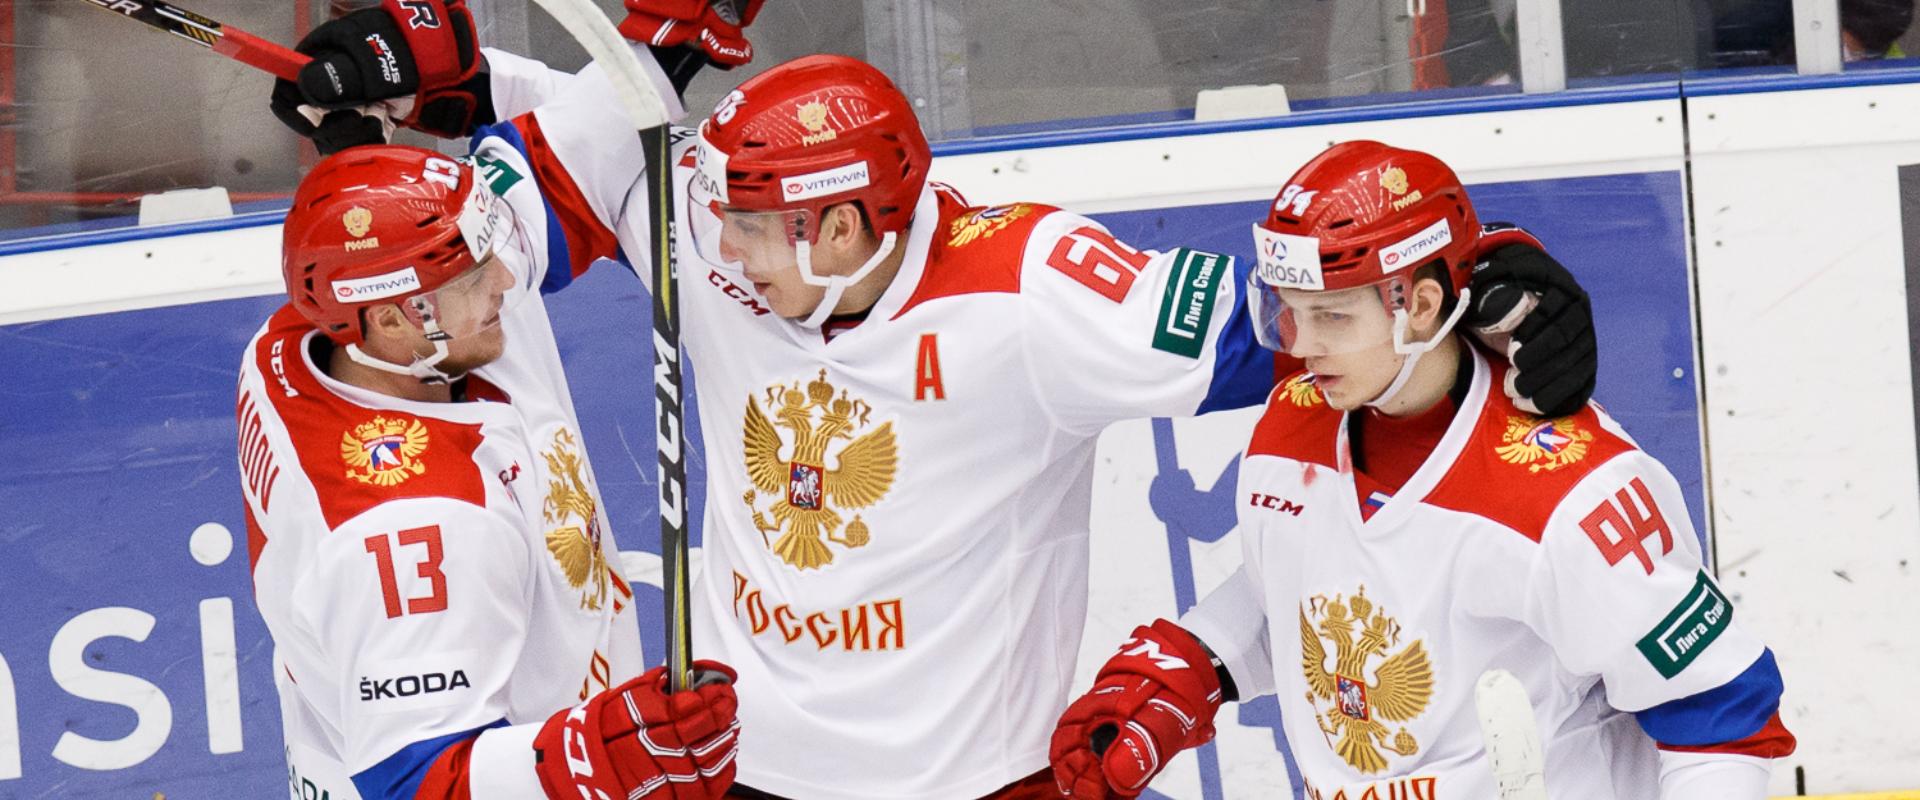 Znalezione obrazy dla zapytania norge russland ishockey